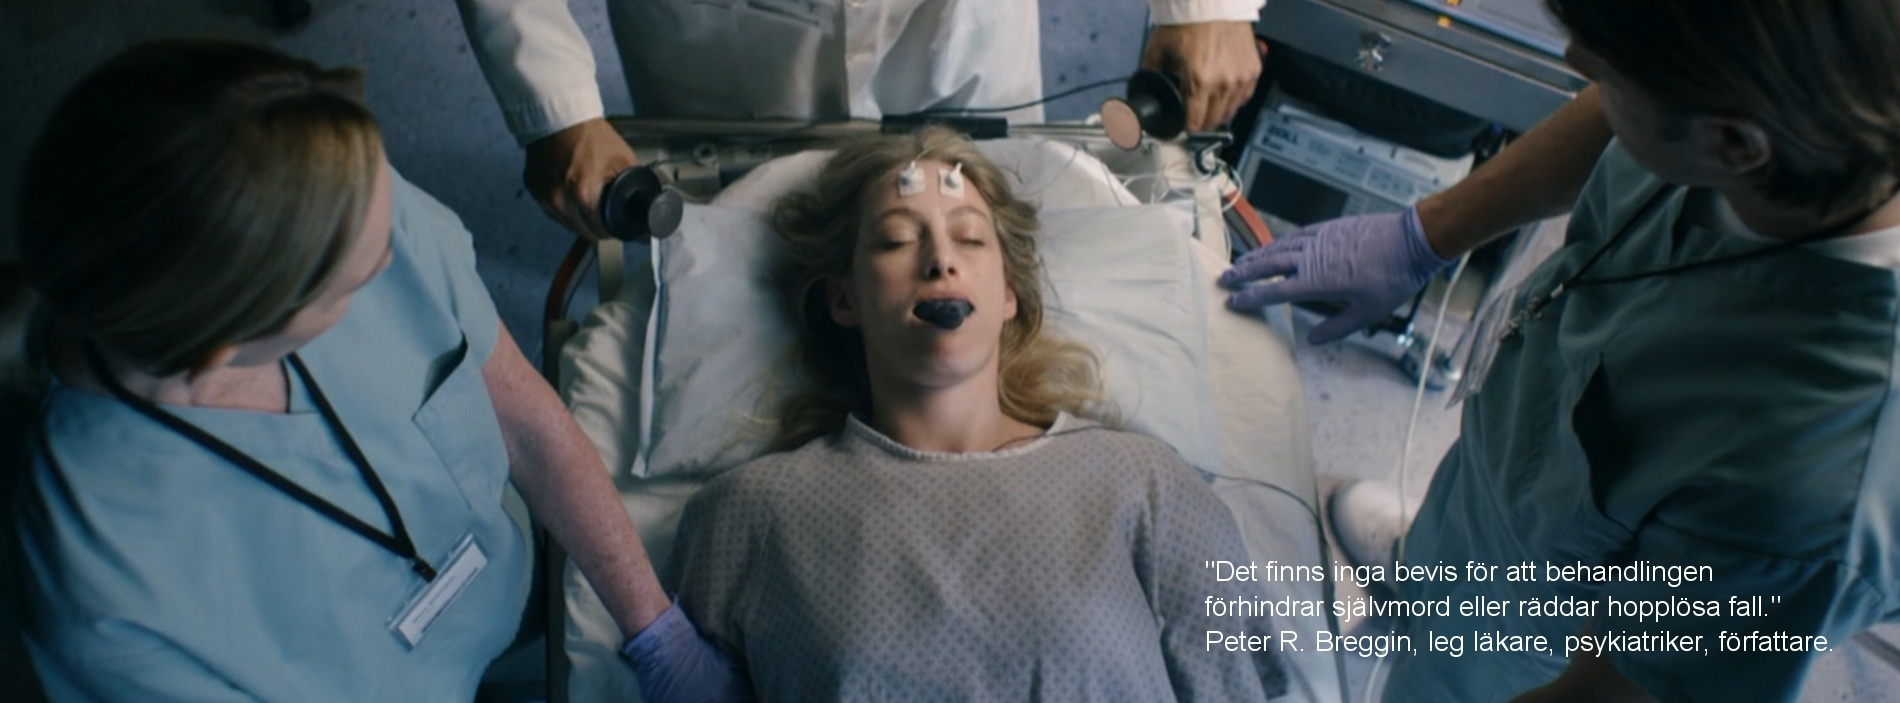 Människor skadas av psykiatrins elchocker ECT)